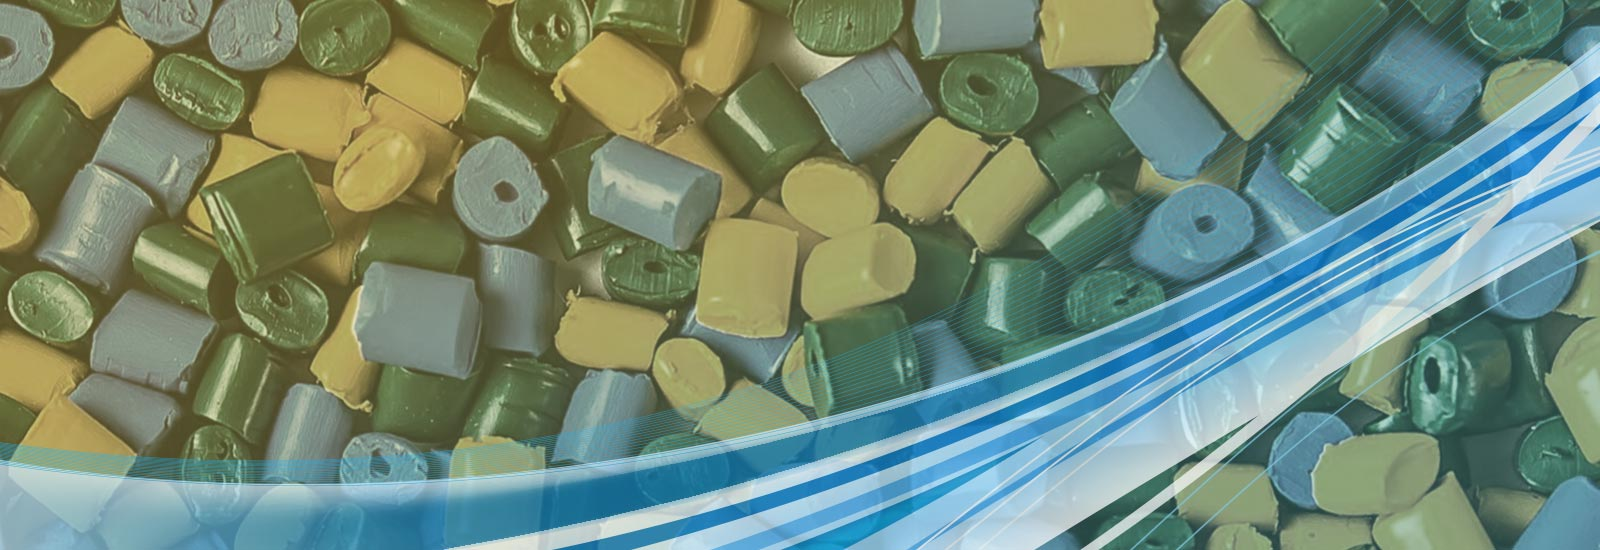 lubrificazione-materie-plastiche-macon